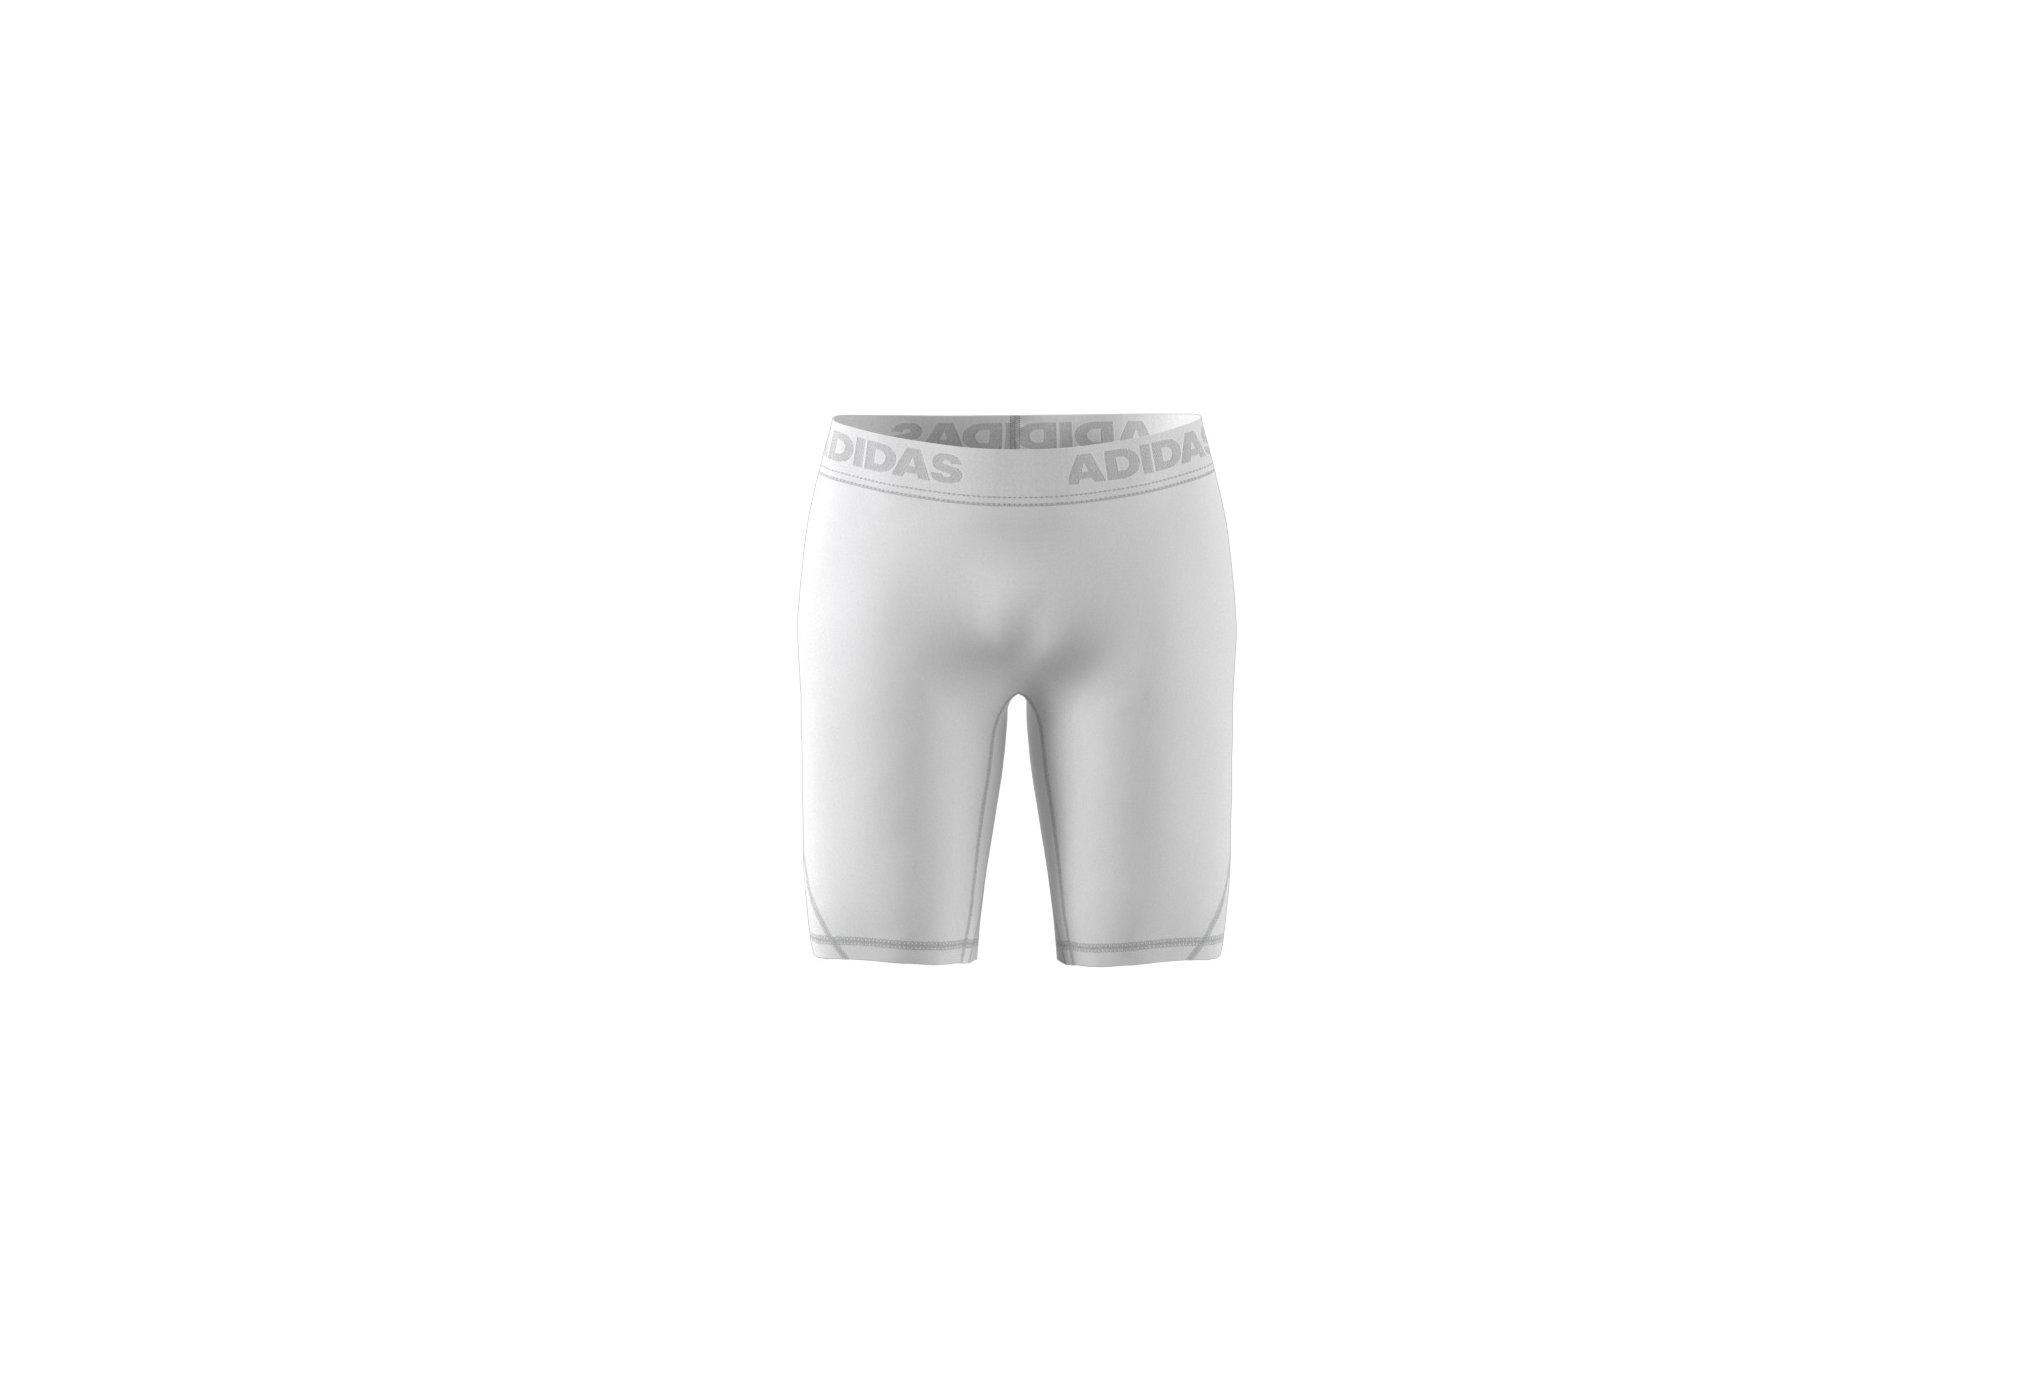 Adidas Alphaskin sport m diététique vêtements homme